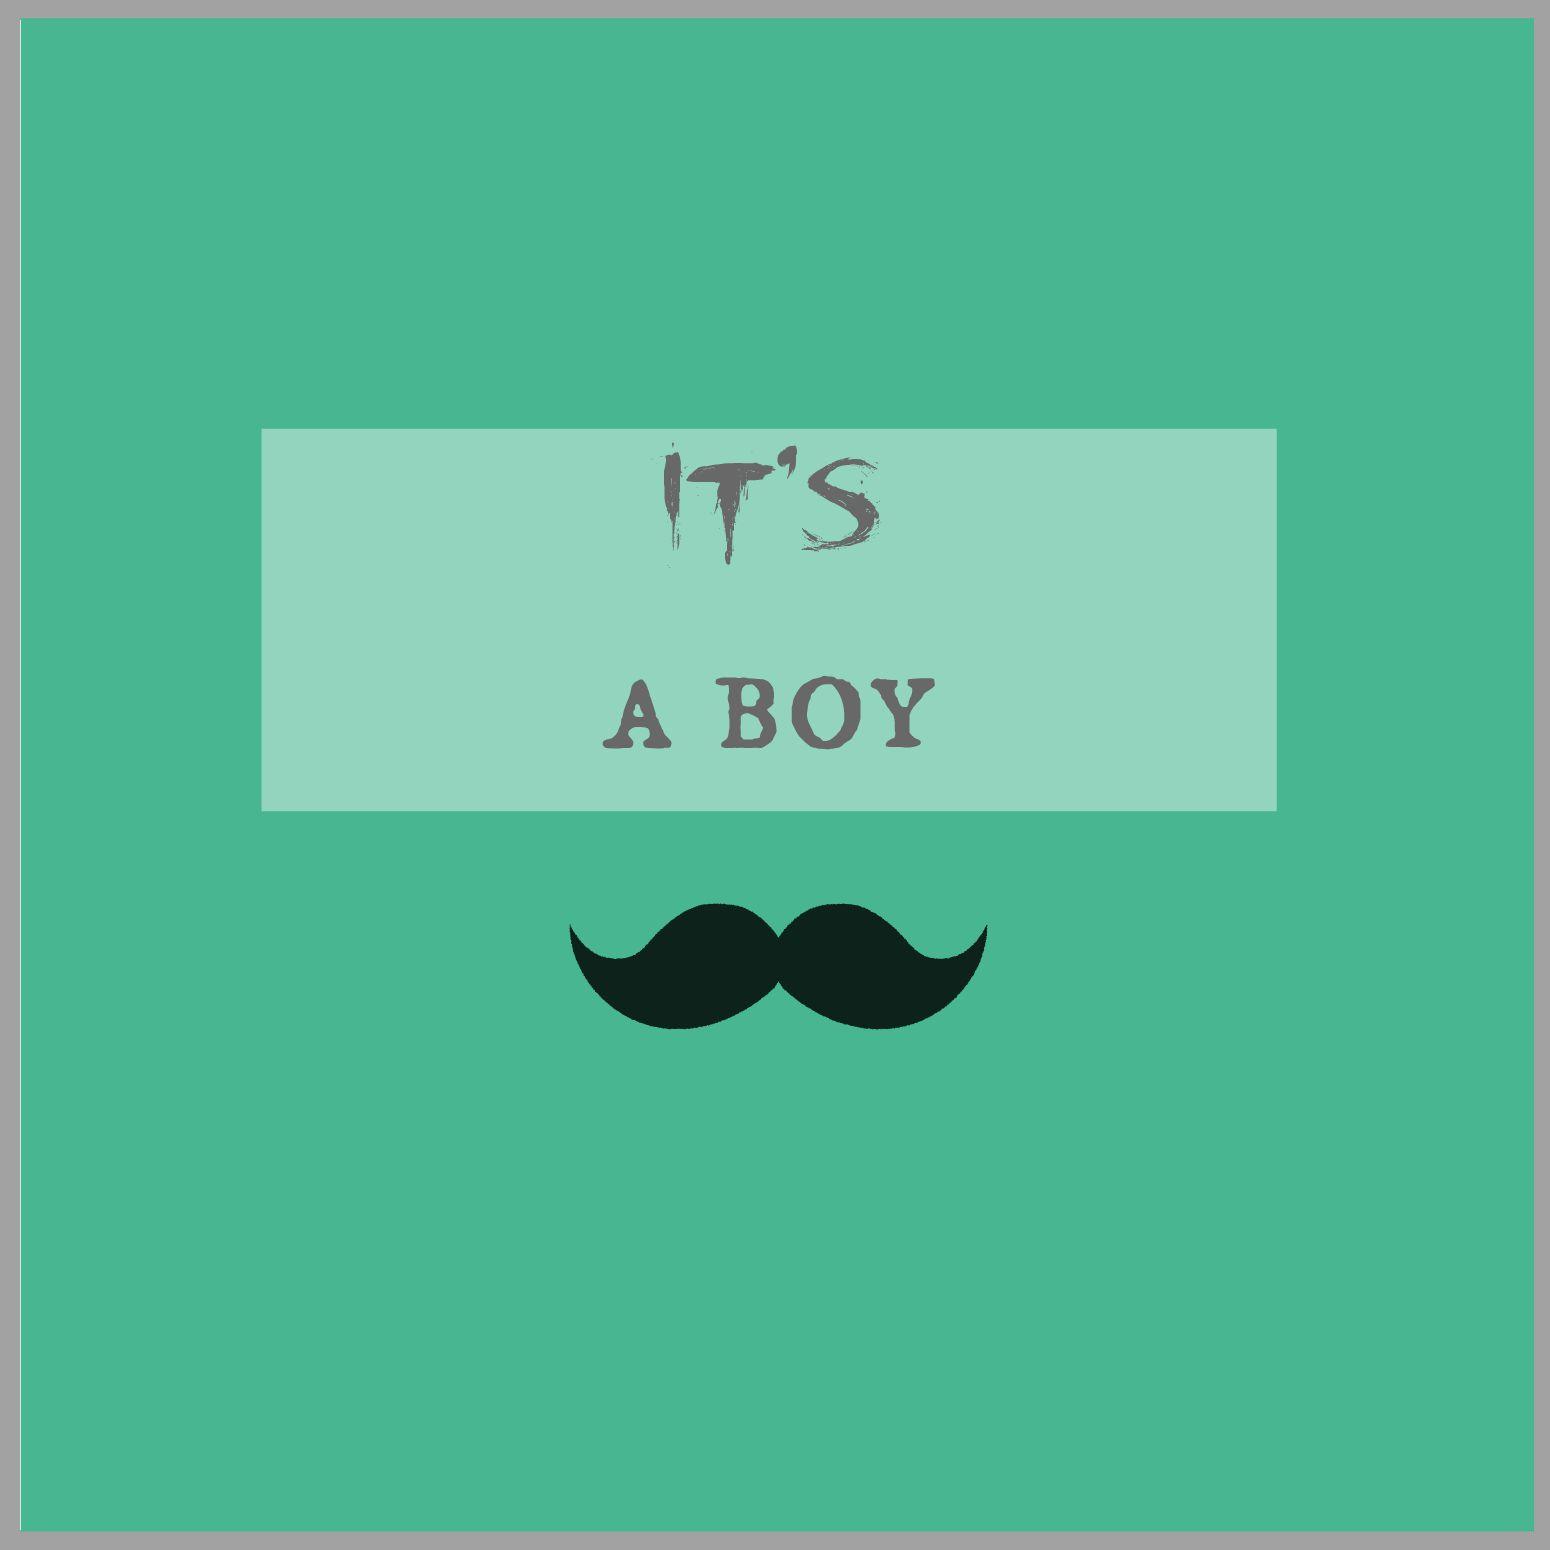 It's a boy! To chłopiec, syn, będę miała syna